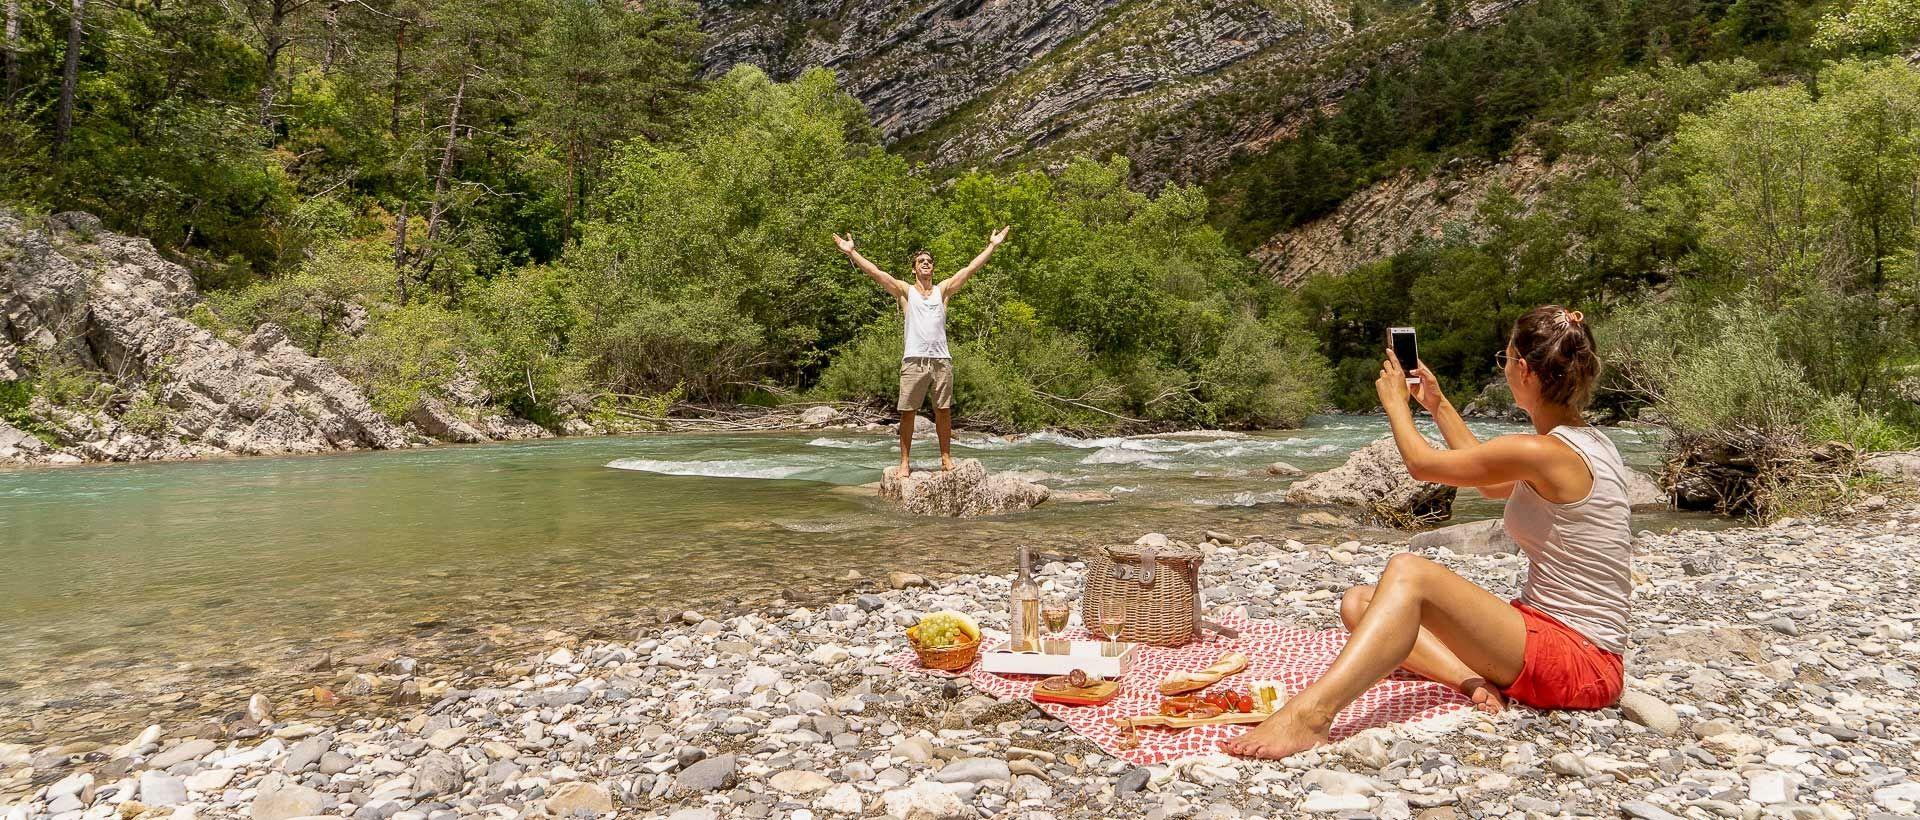 Río o lago: ¿cuál de los destinos le va mejor?